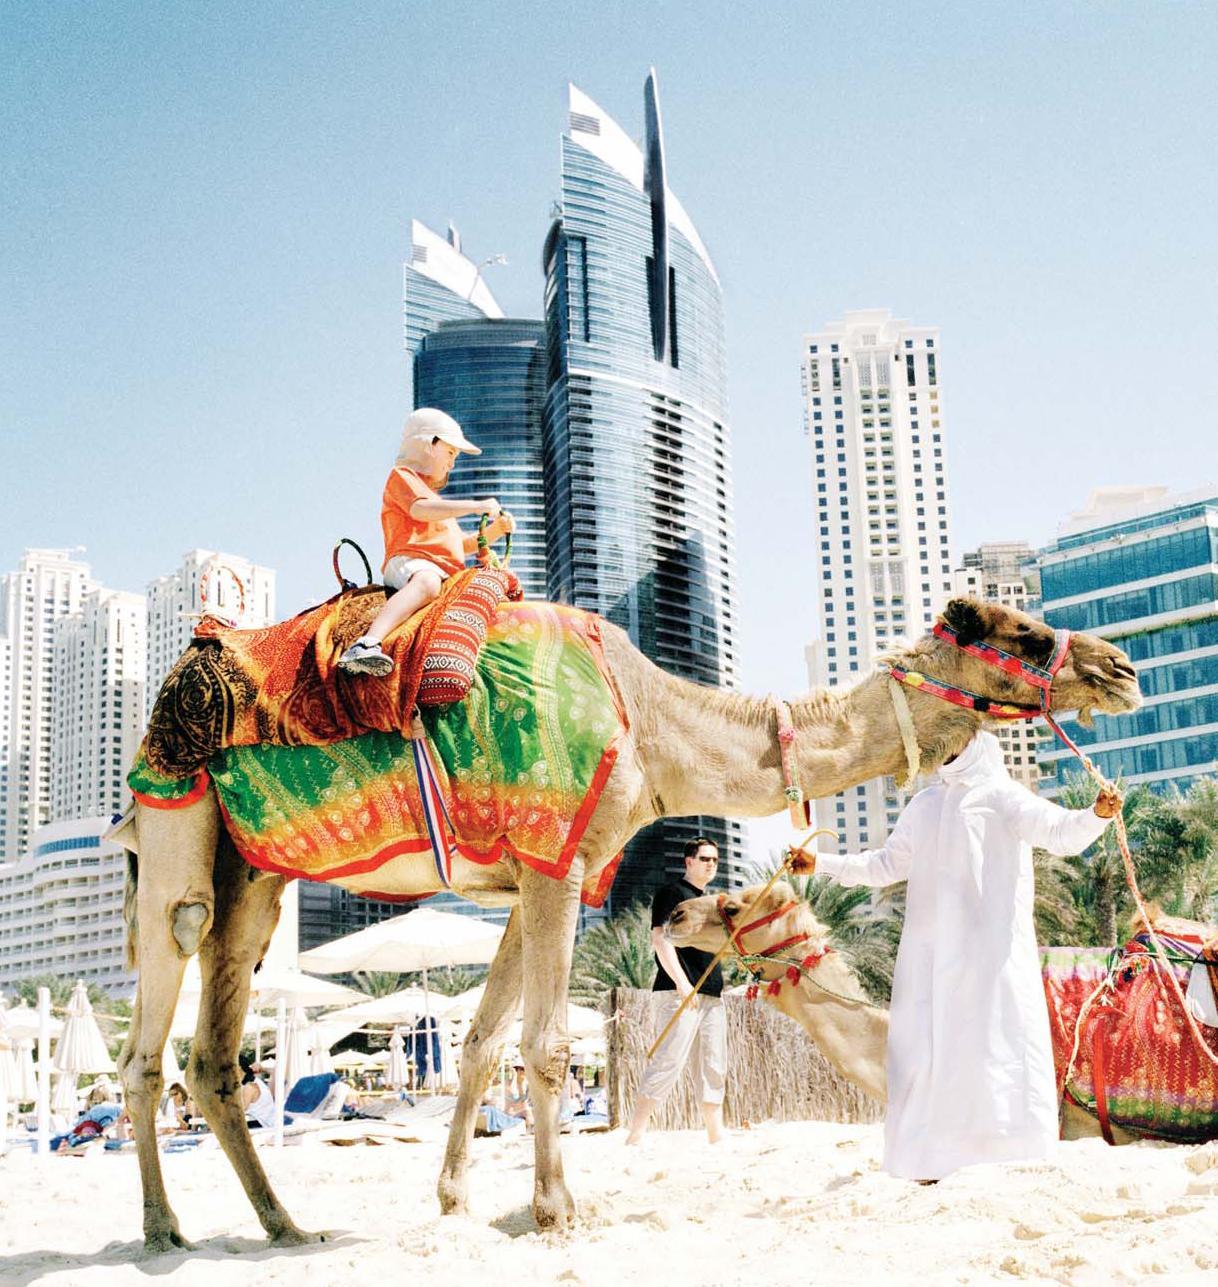 Camel Rides In Dubai Dubai | Hotelmee.com